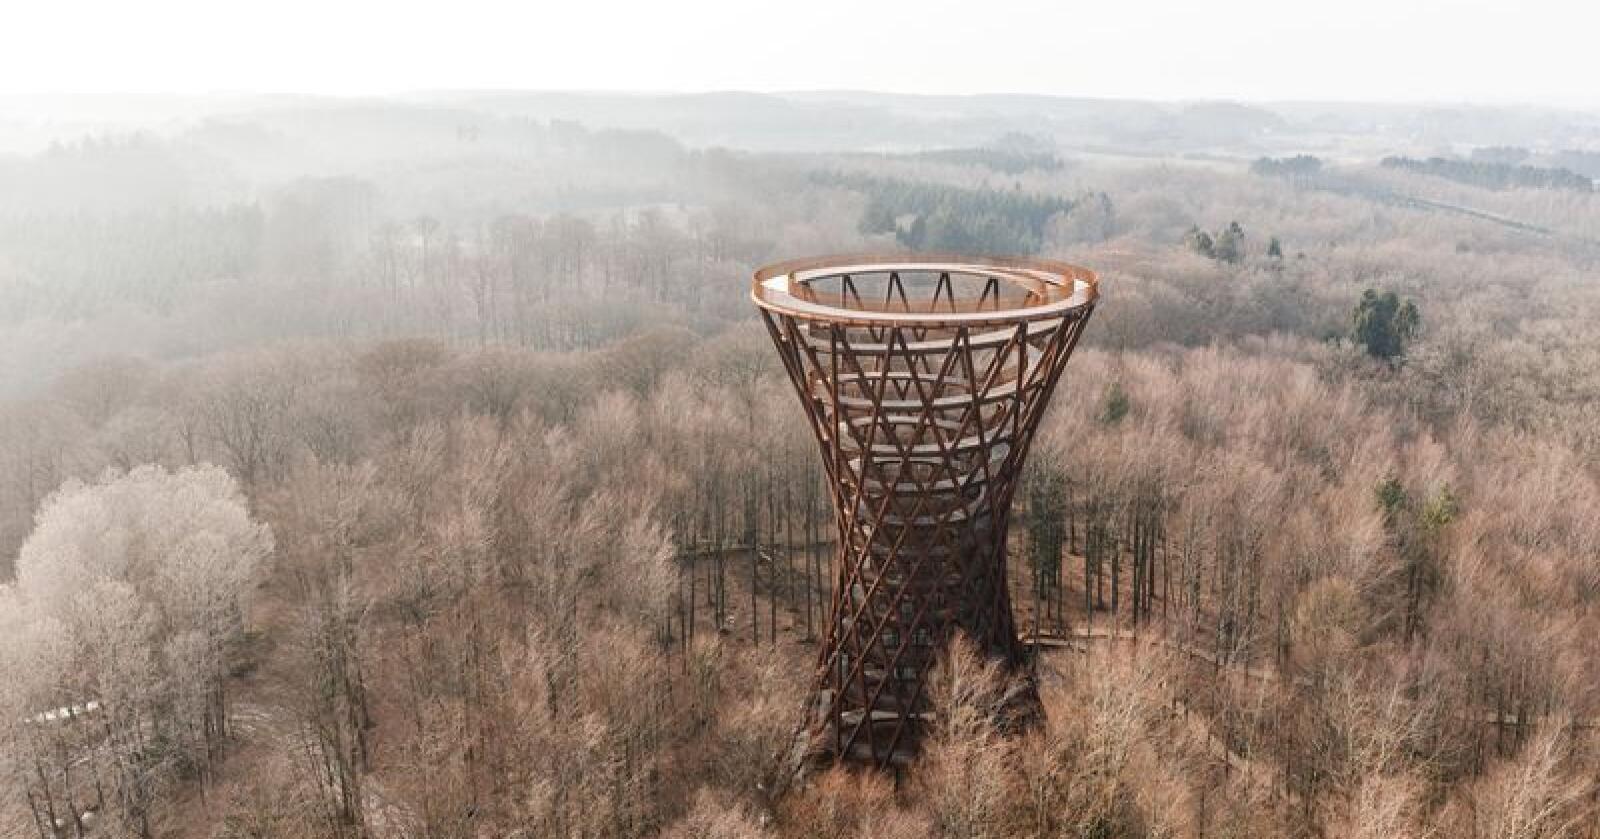 Gangveiene leder deg 45 meter opp i klatreparken på Sjælland. Illustrasjon: Effekt Arkitekter og Camp Adventure